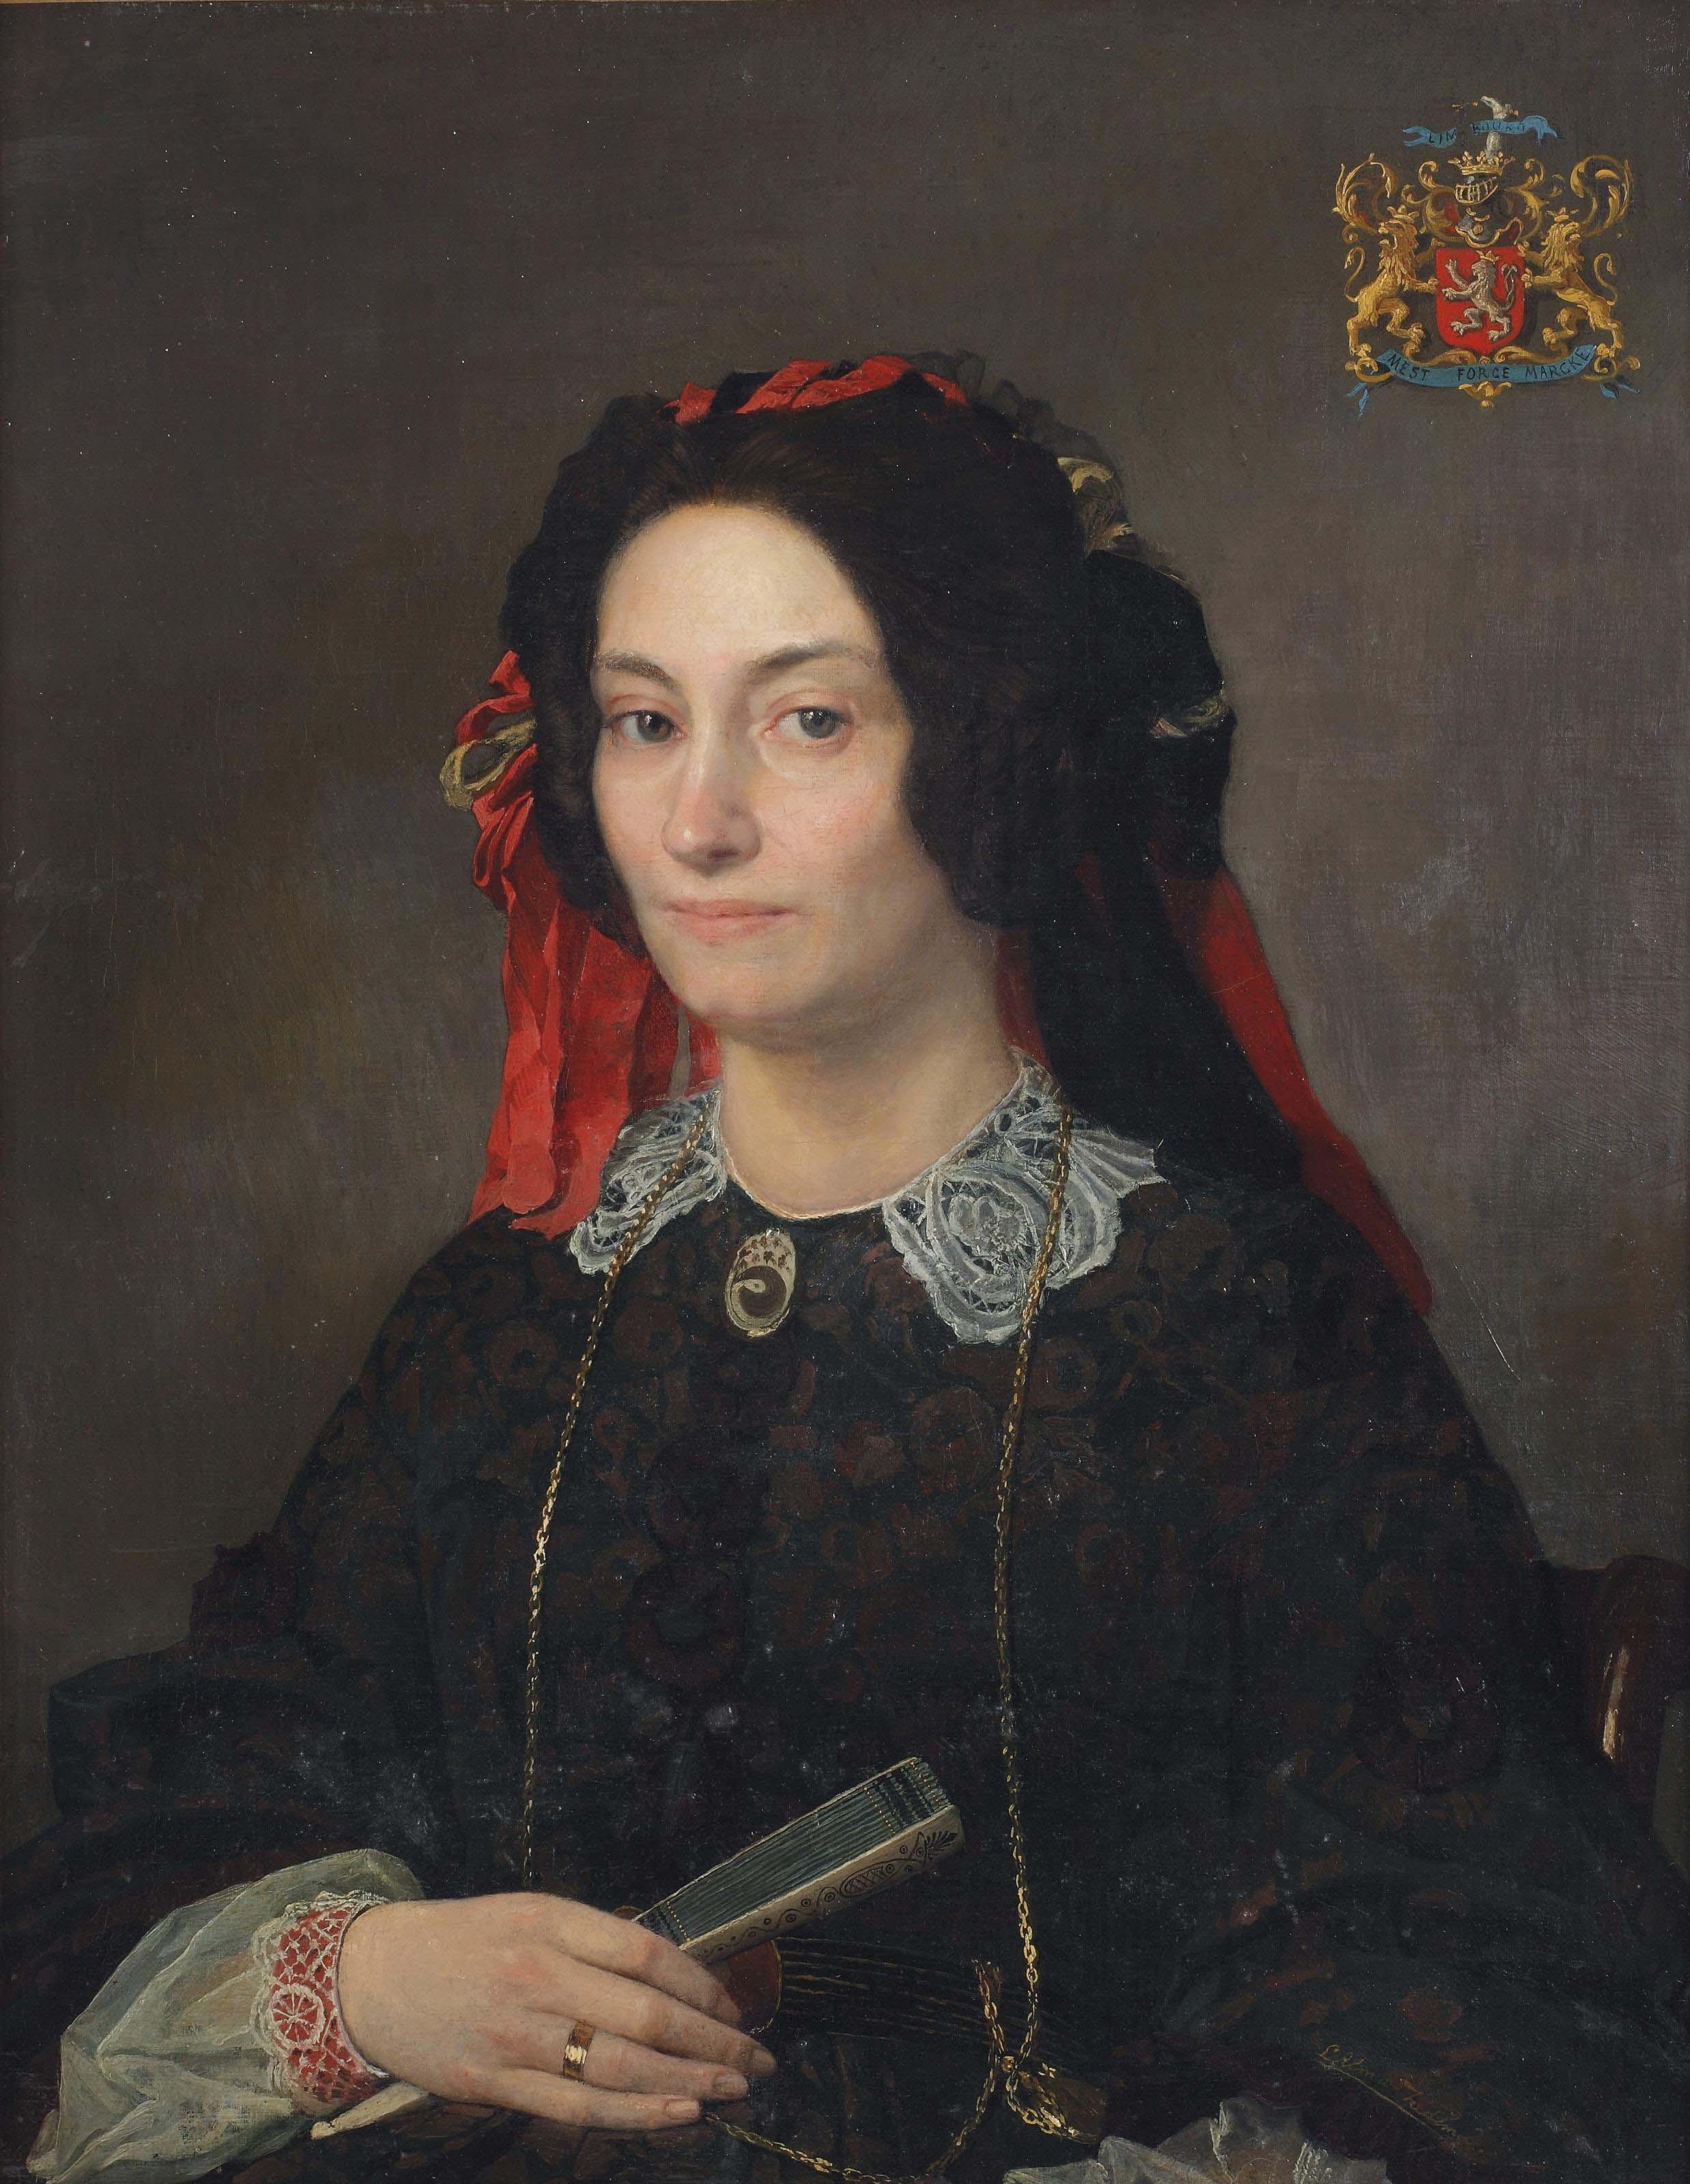 Portrait of Marie Joséphine Jacoba van Marcke de Lummen (1818-1894)